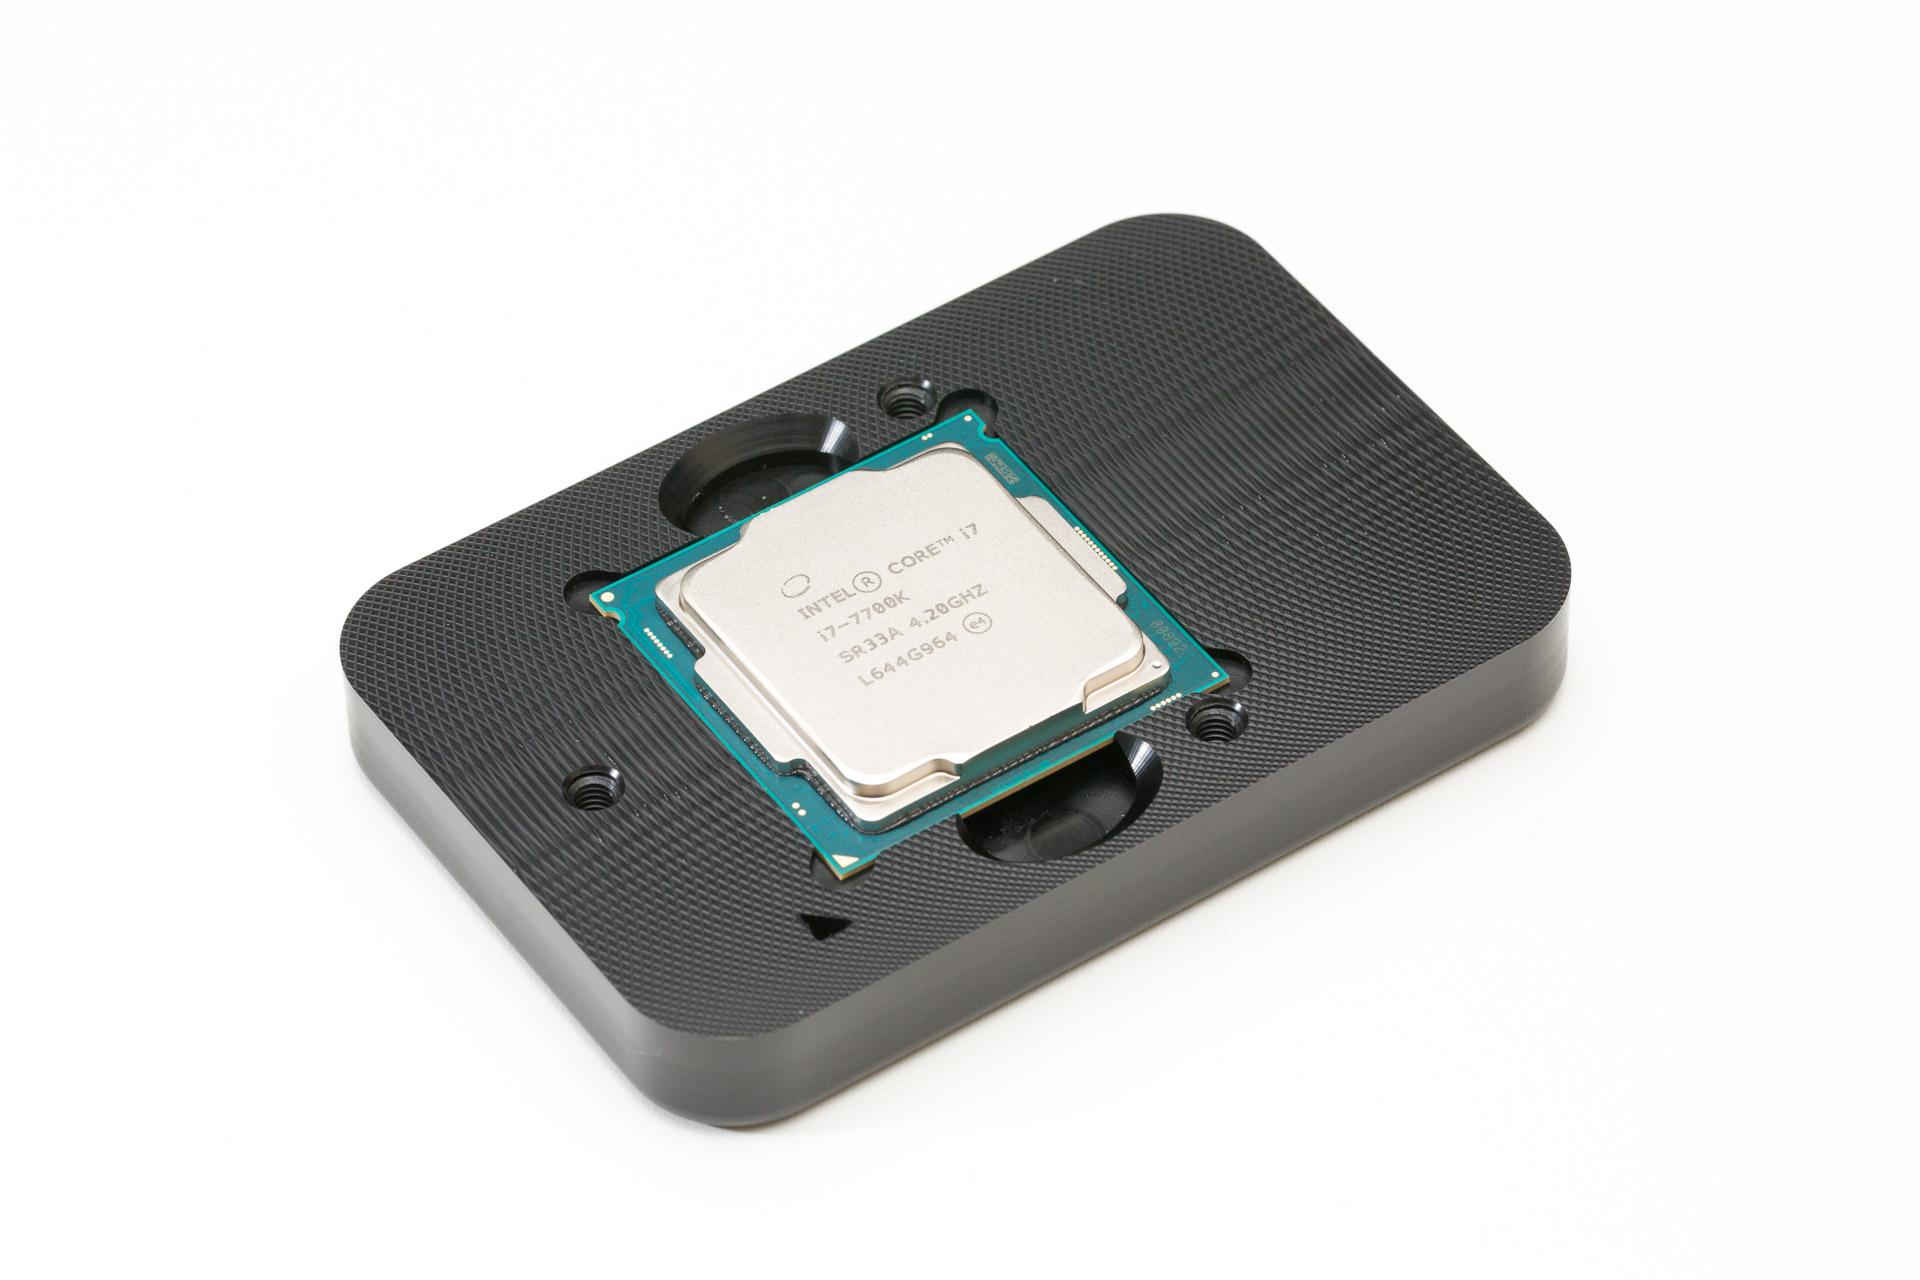 Intel Core i7 7700K Delidded